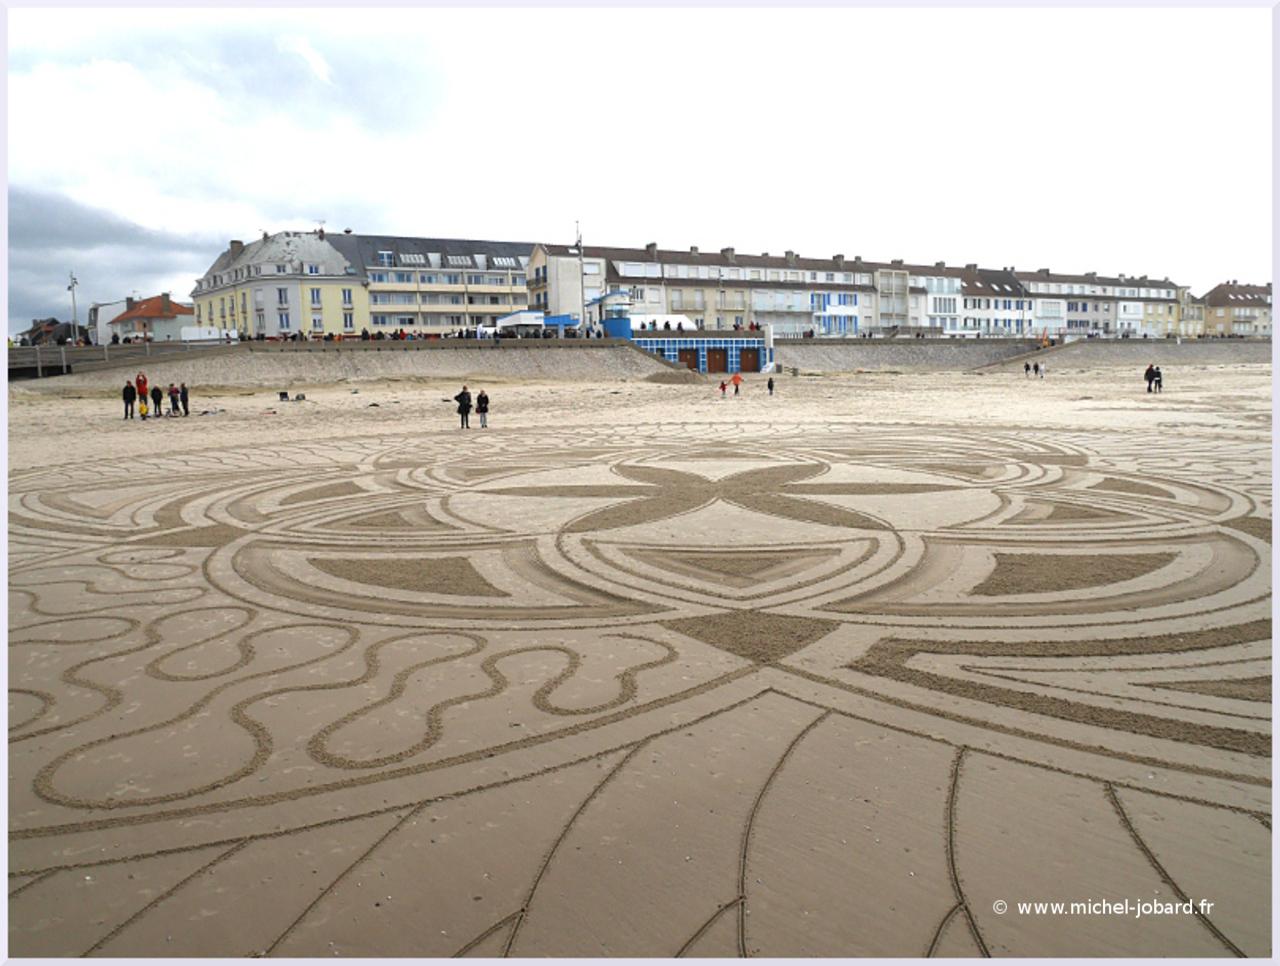 beach-art Fort-Mahon 03